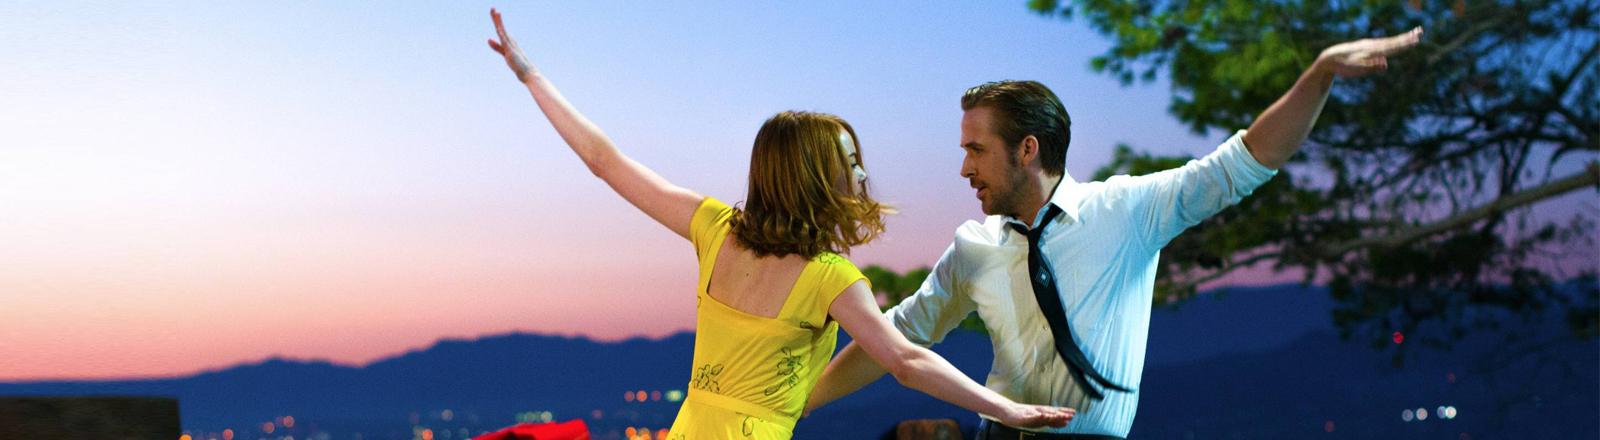 """Eine Szene aus dem Film """"La La Land"""" mit Ryan Gossling und Emma Stone."""